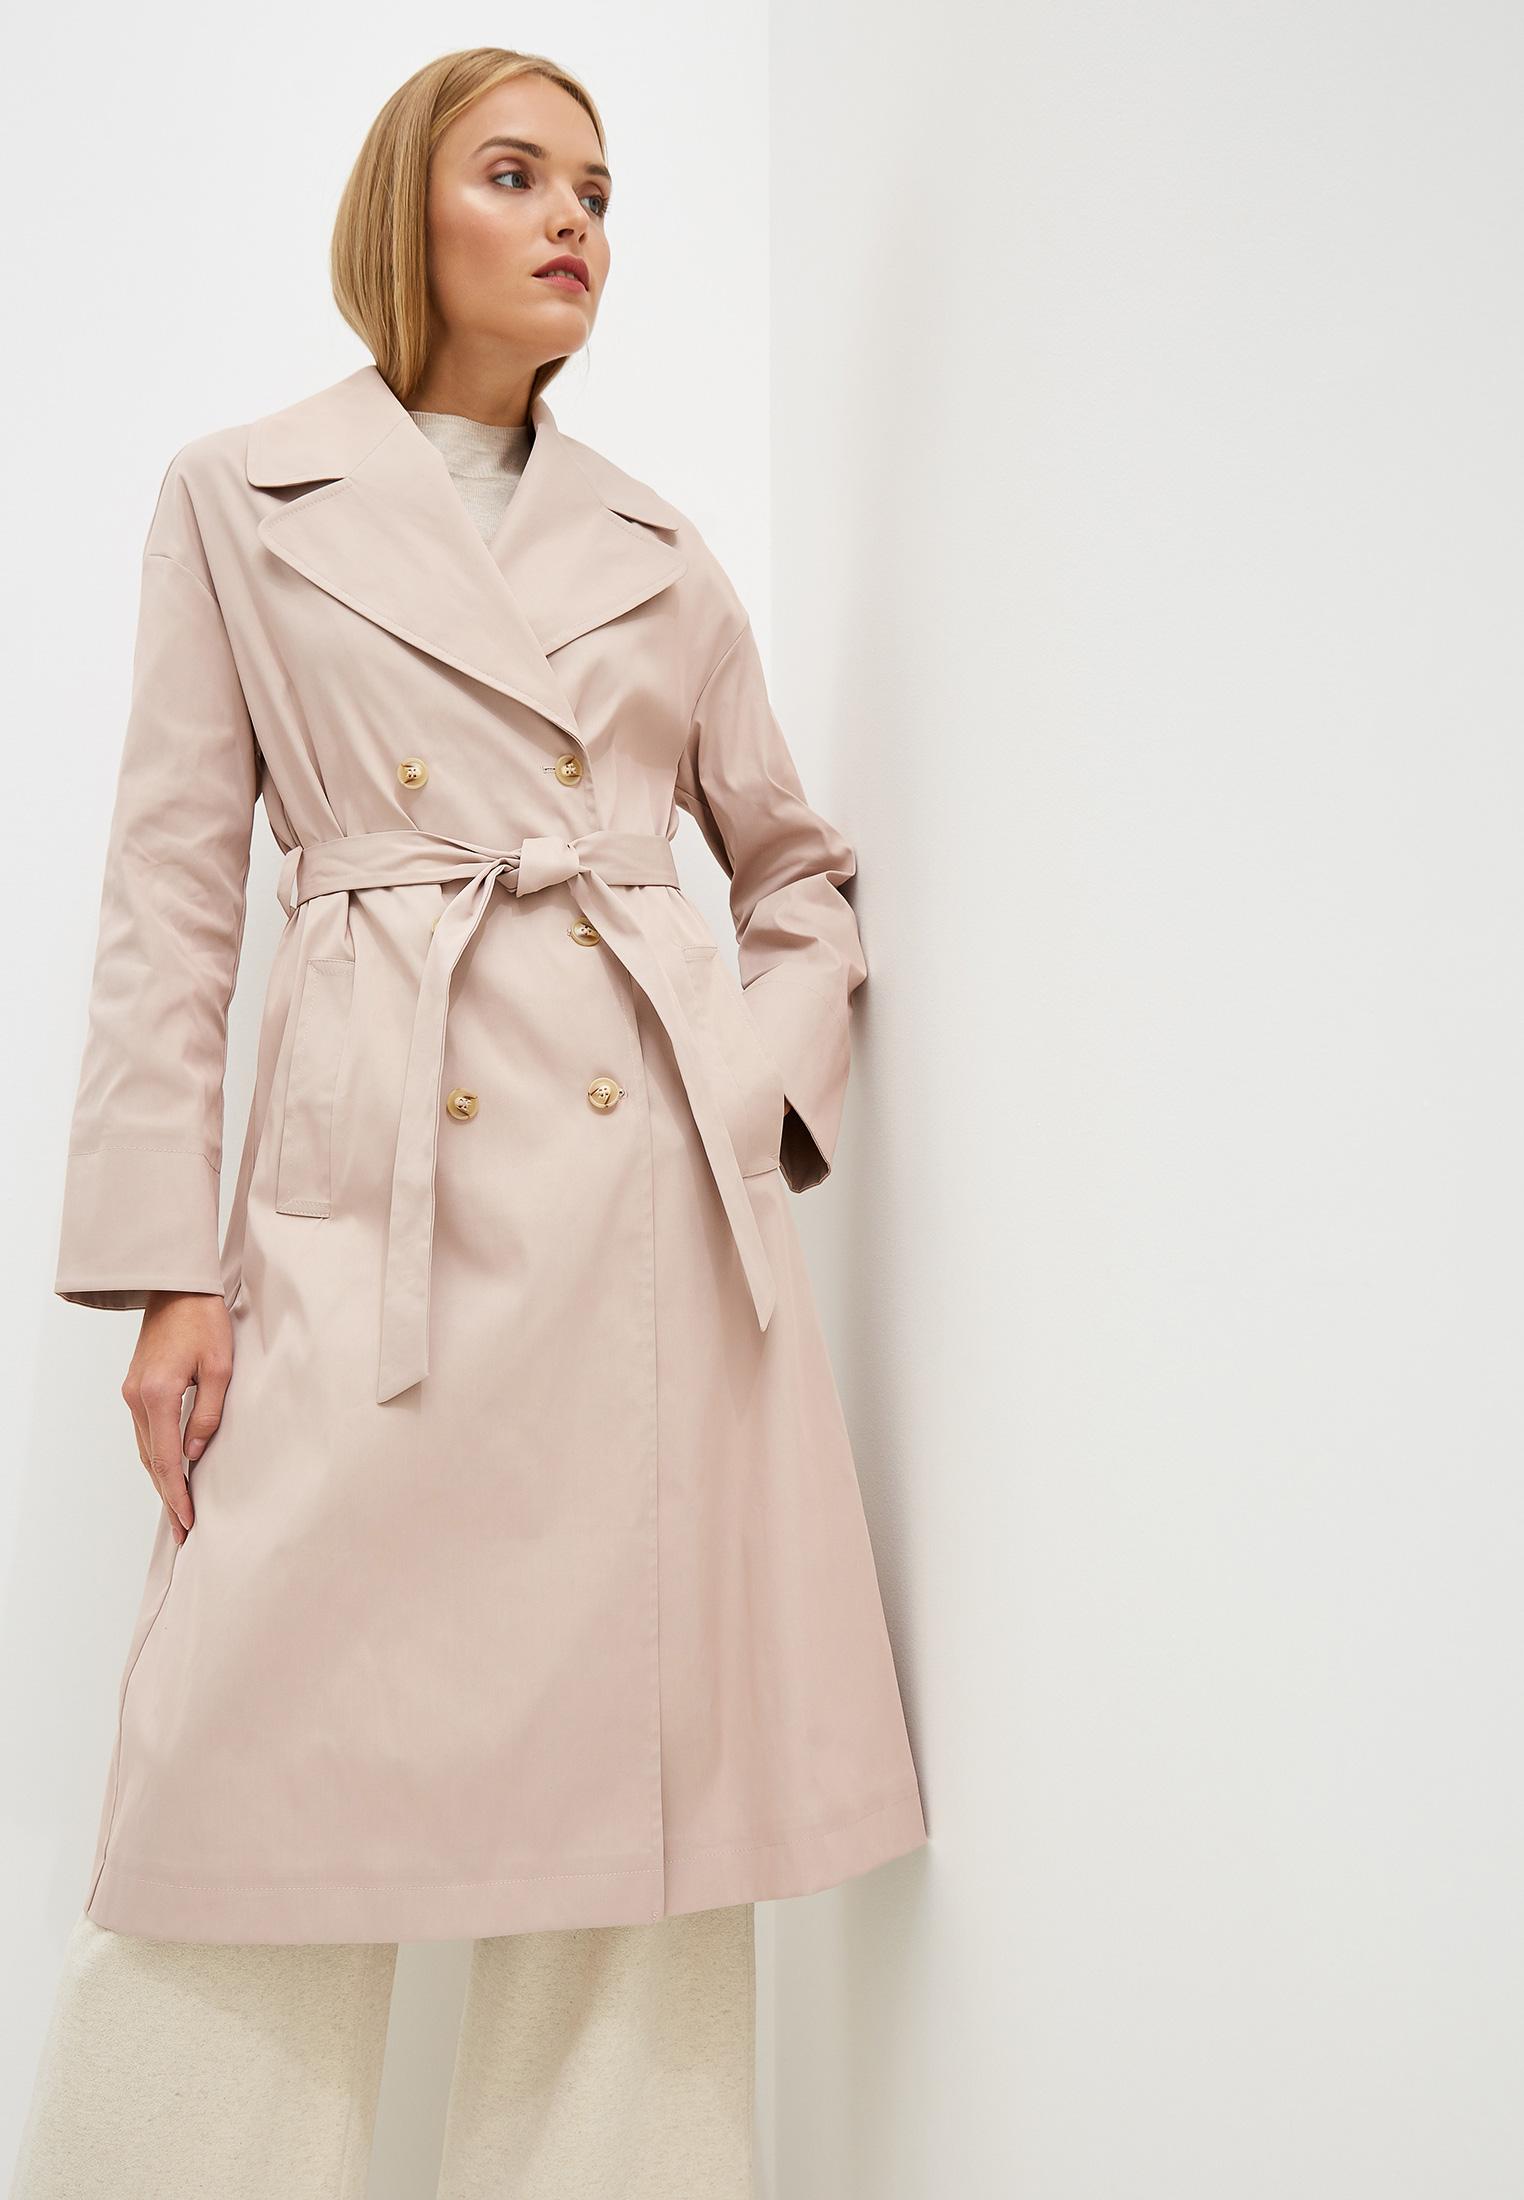 Плащ, Aylin Stories, цвет: розовый. Артикул: MP002XW0RI3Y. Одежда